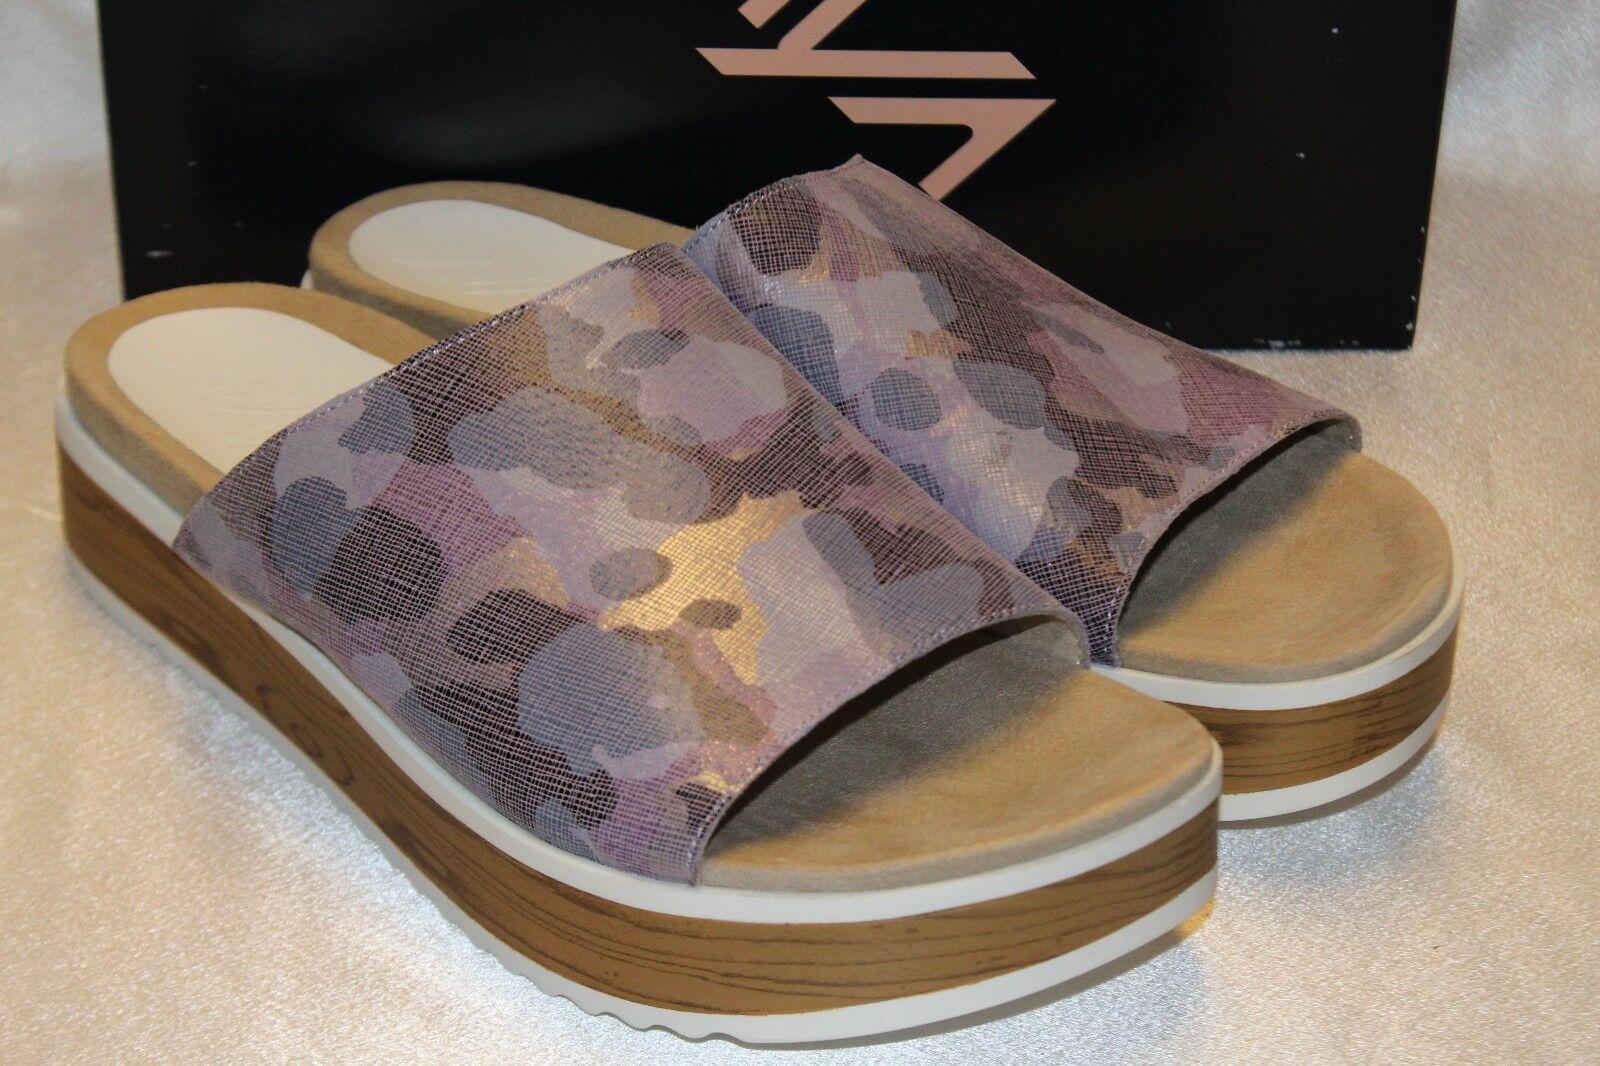 NEW  NIB  NAYA Metallic Lt Purple Purple Purple Camo Leather URSA Slides Sandals 7 8.5 11 c36044